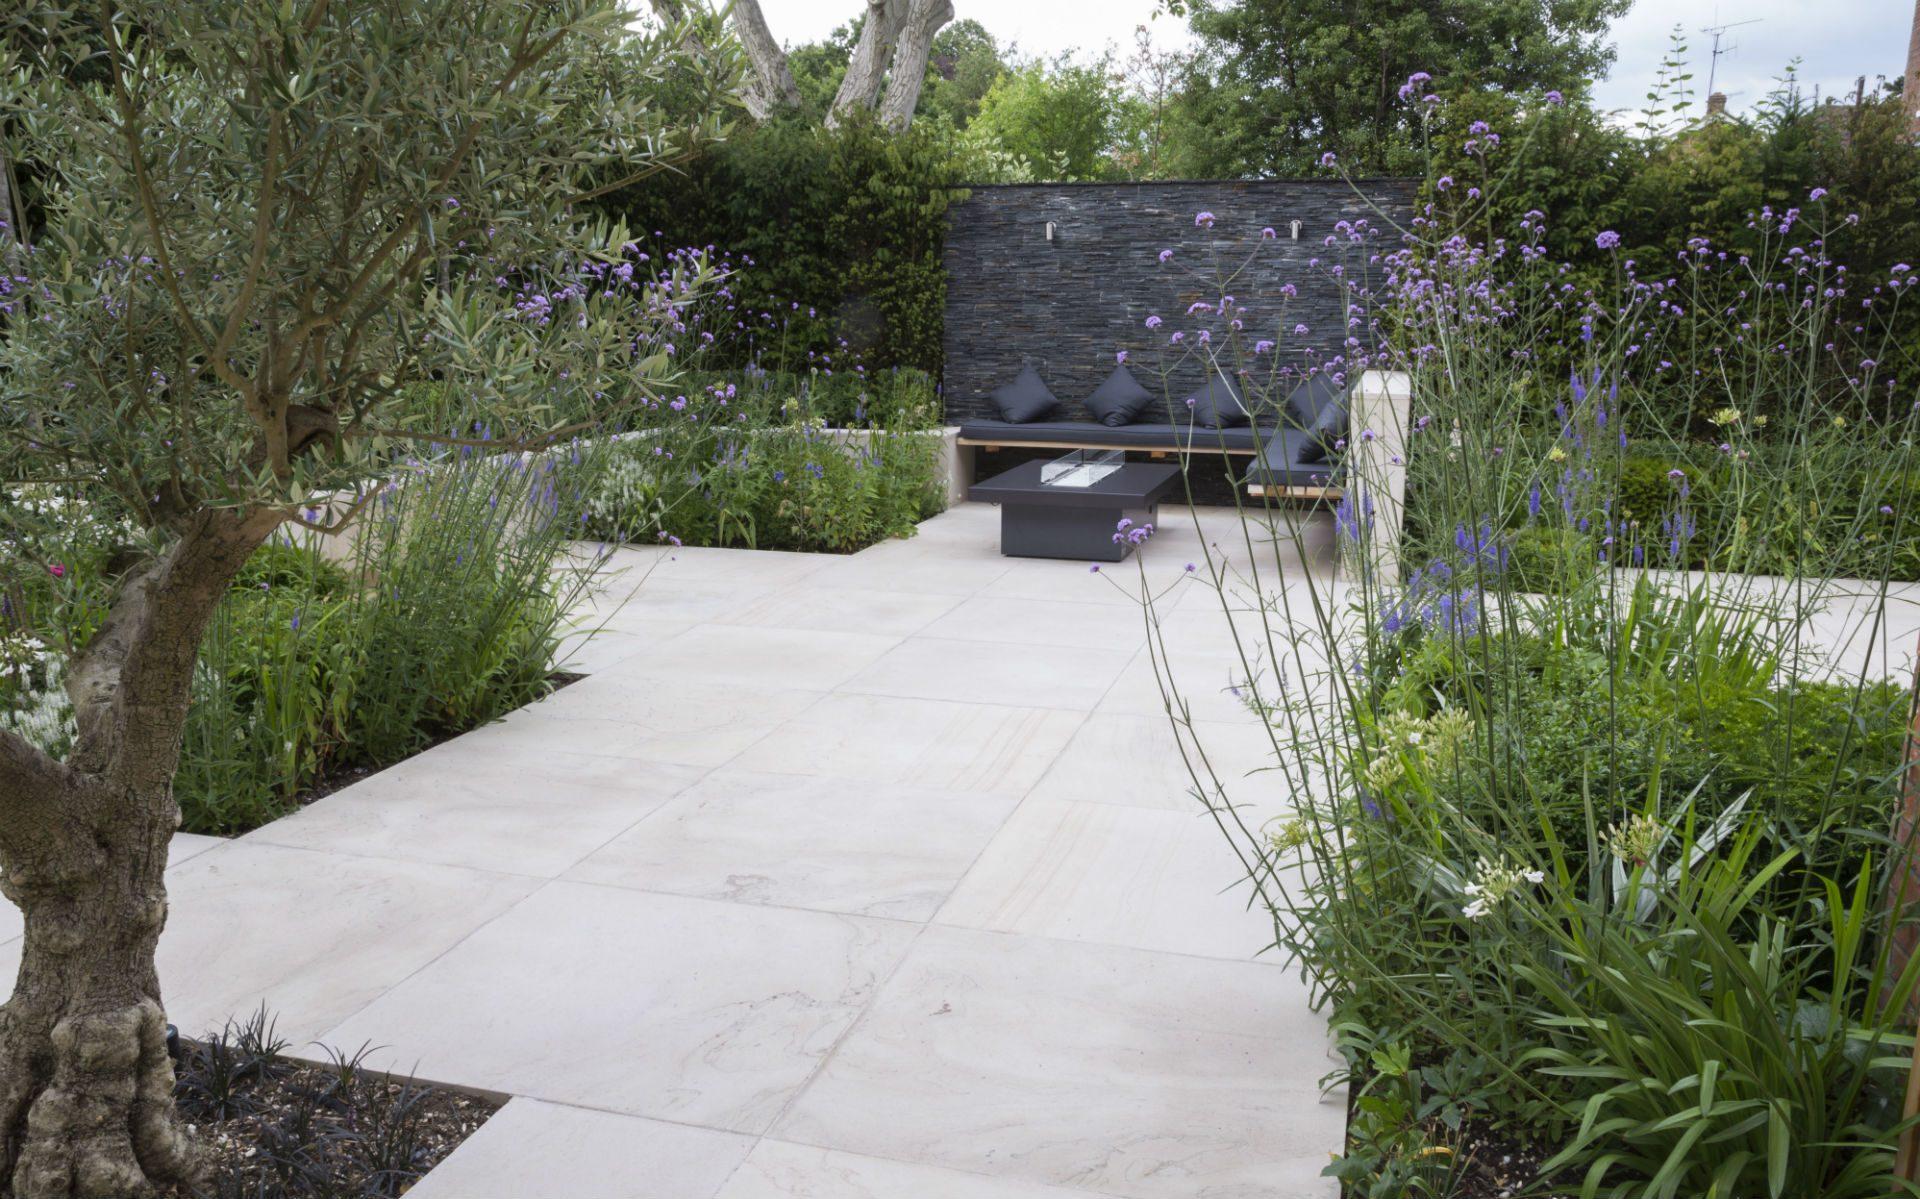 Contemporary Courtyard Garden Design and Landscaping